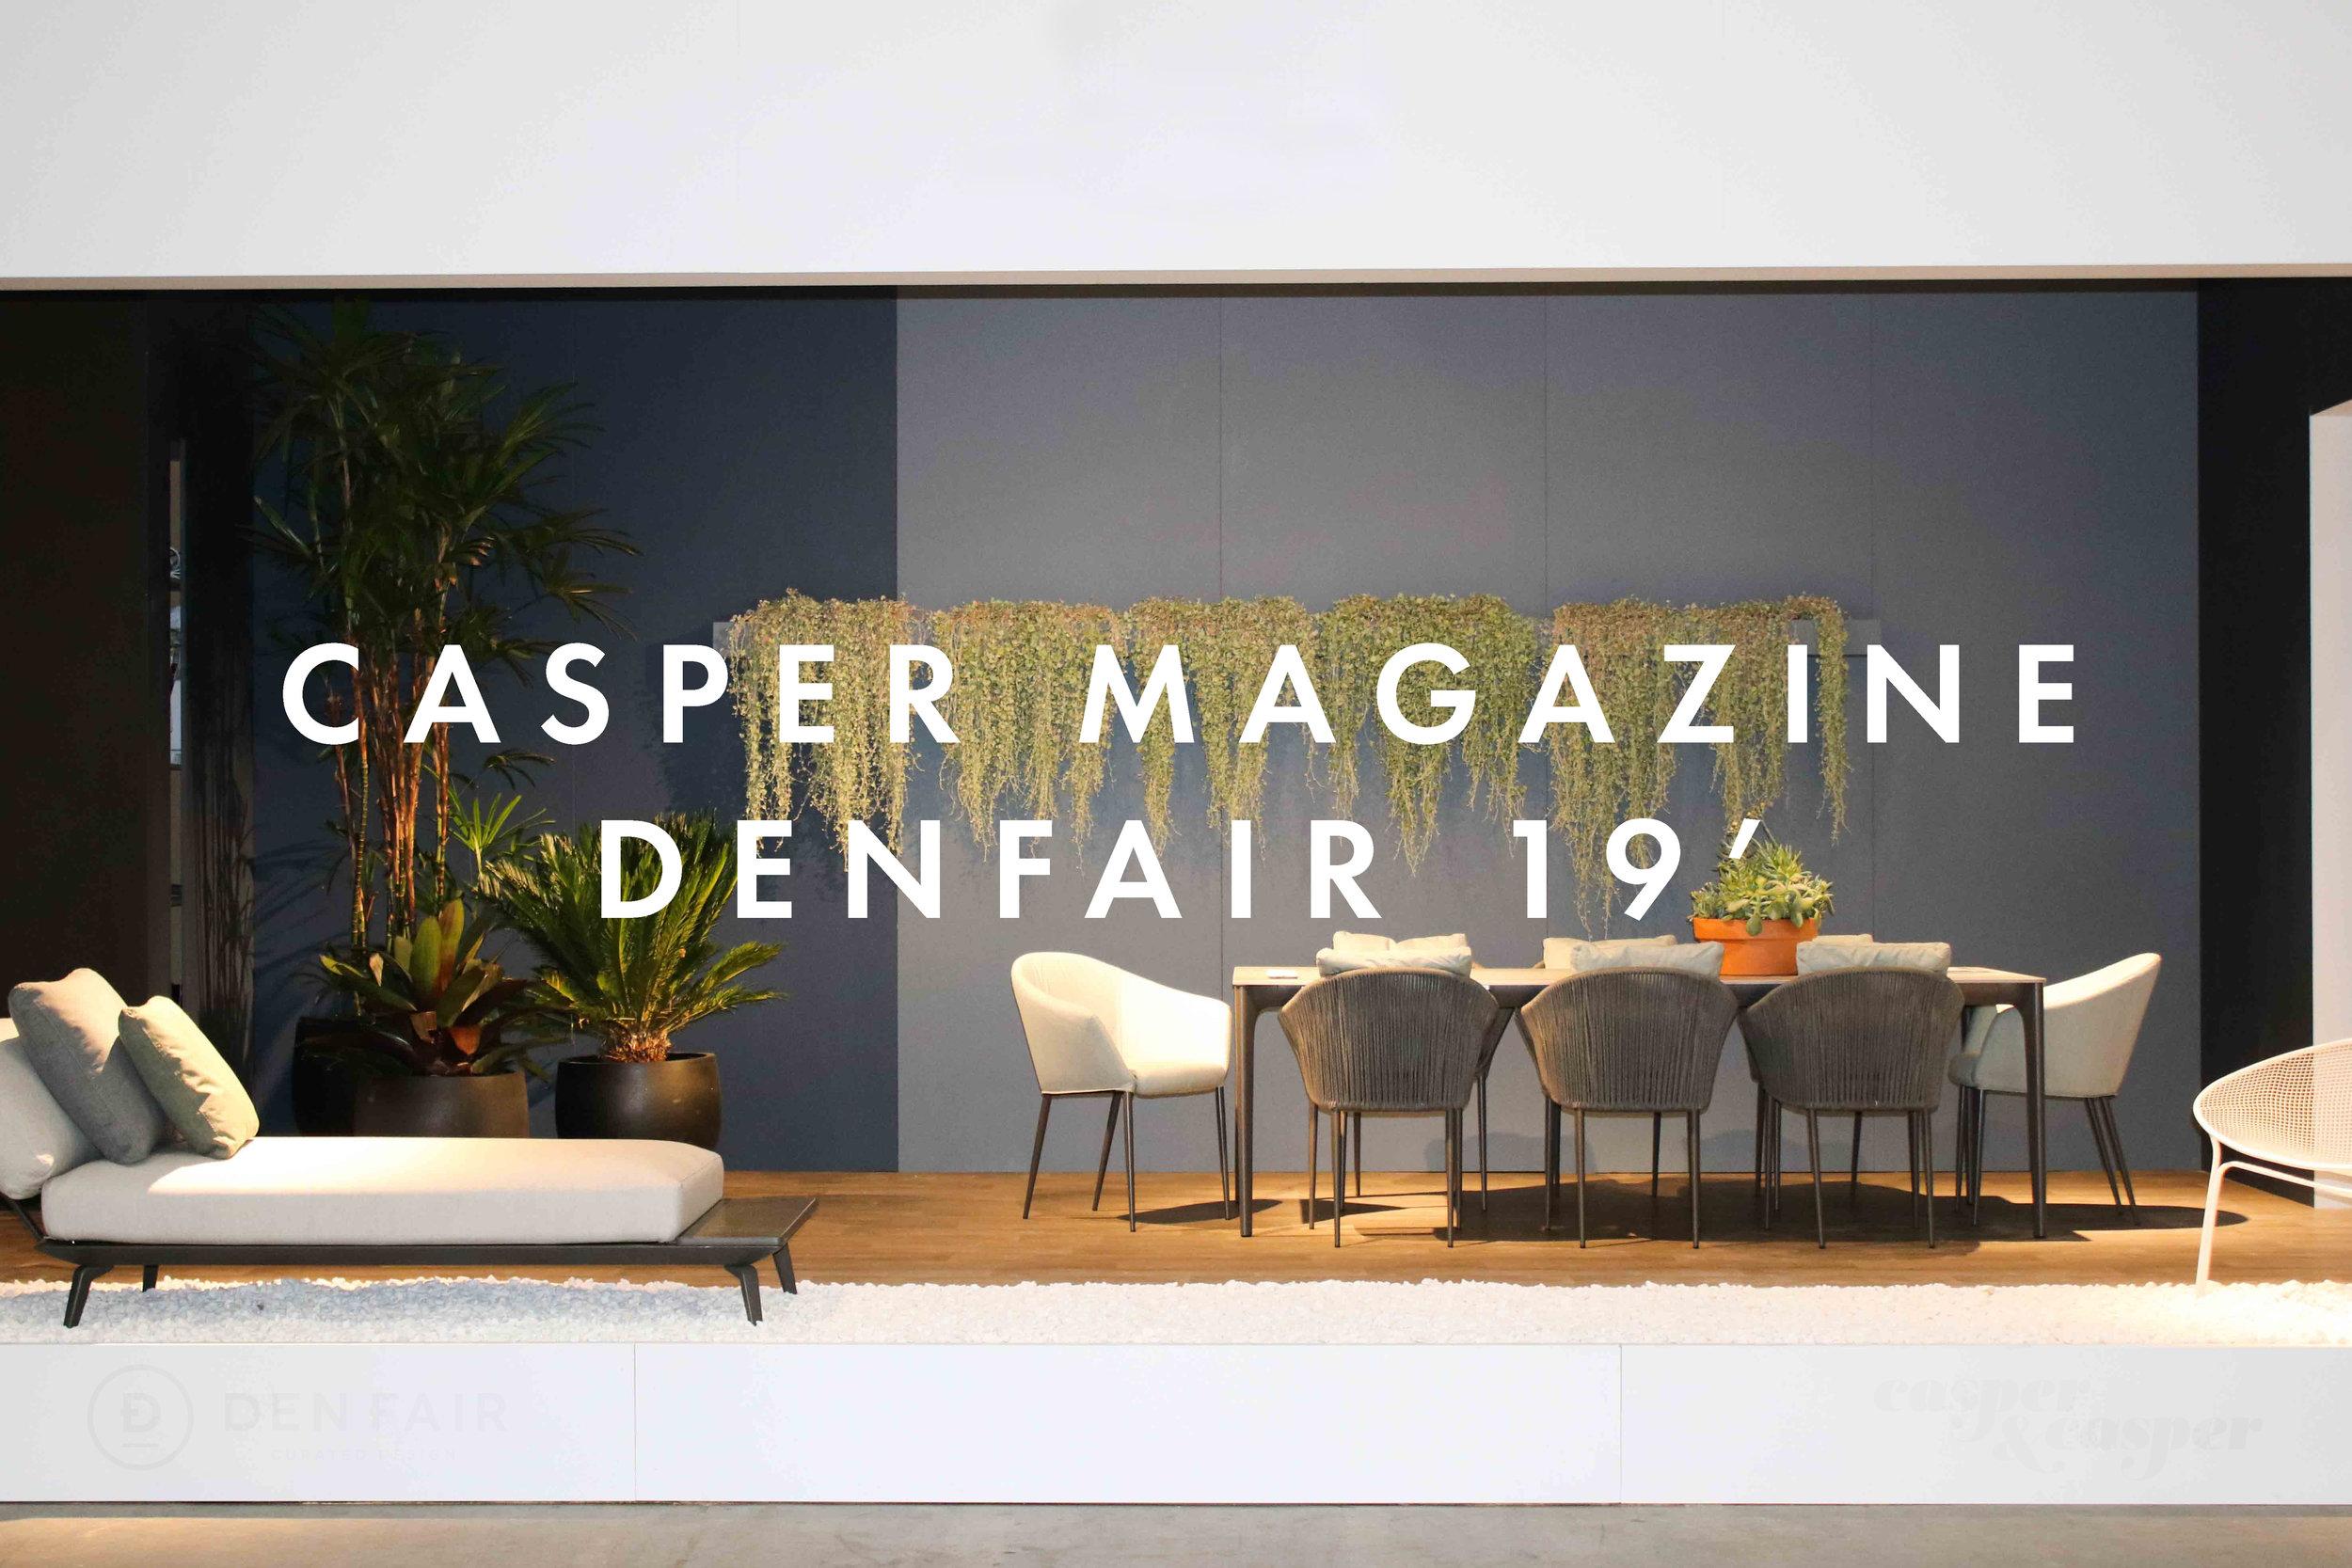 casper-magazine-denfair-2019-melbourne-sydney